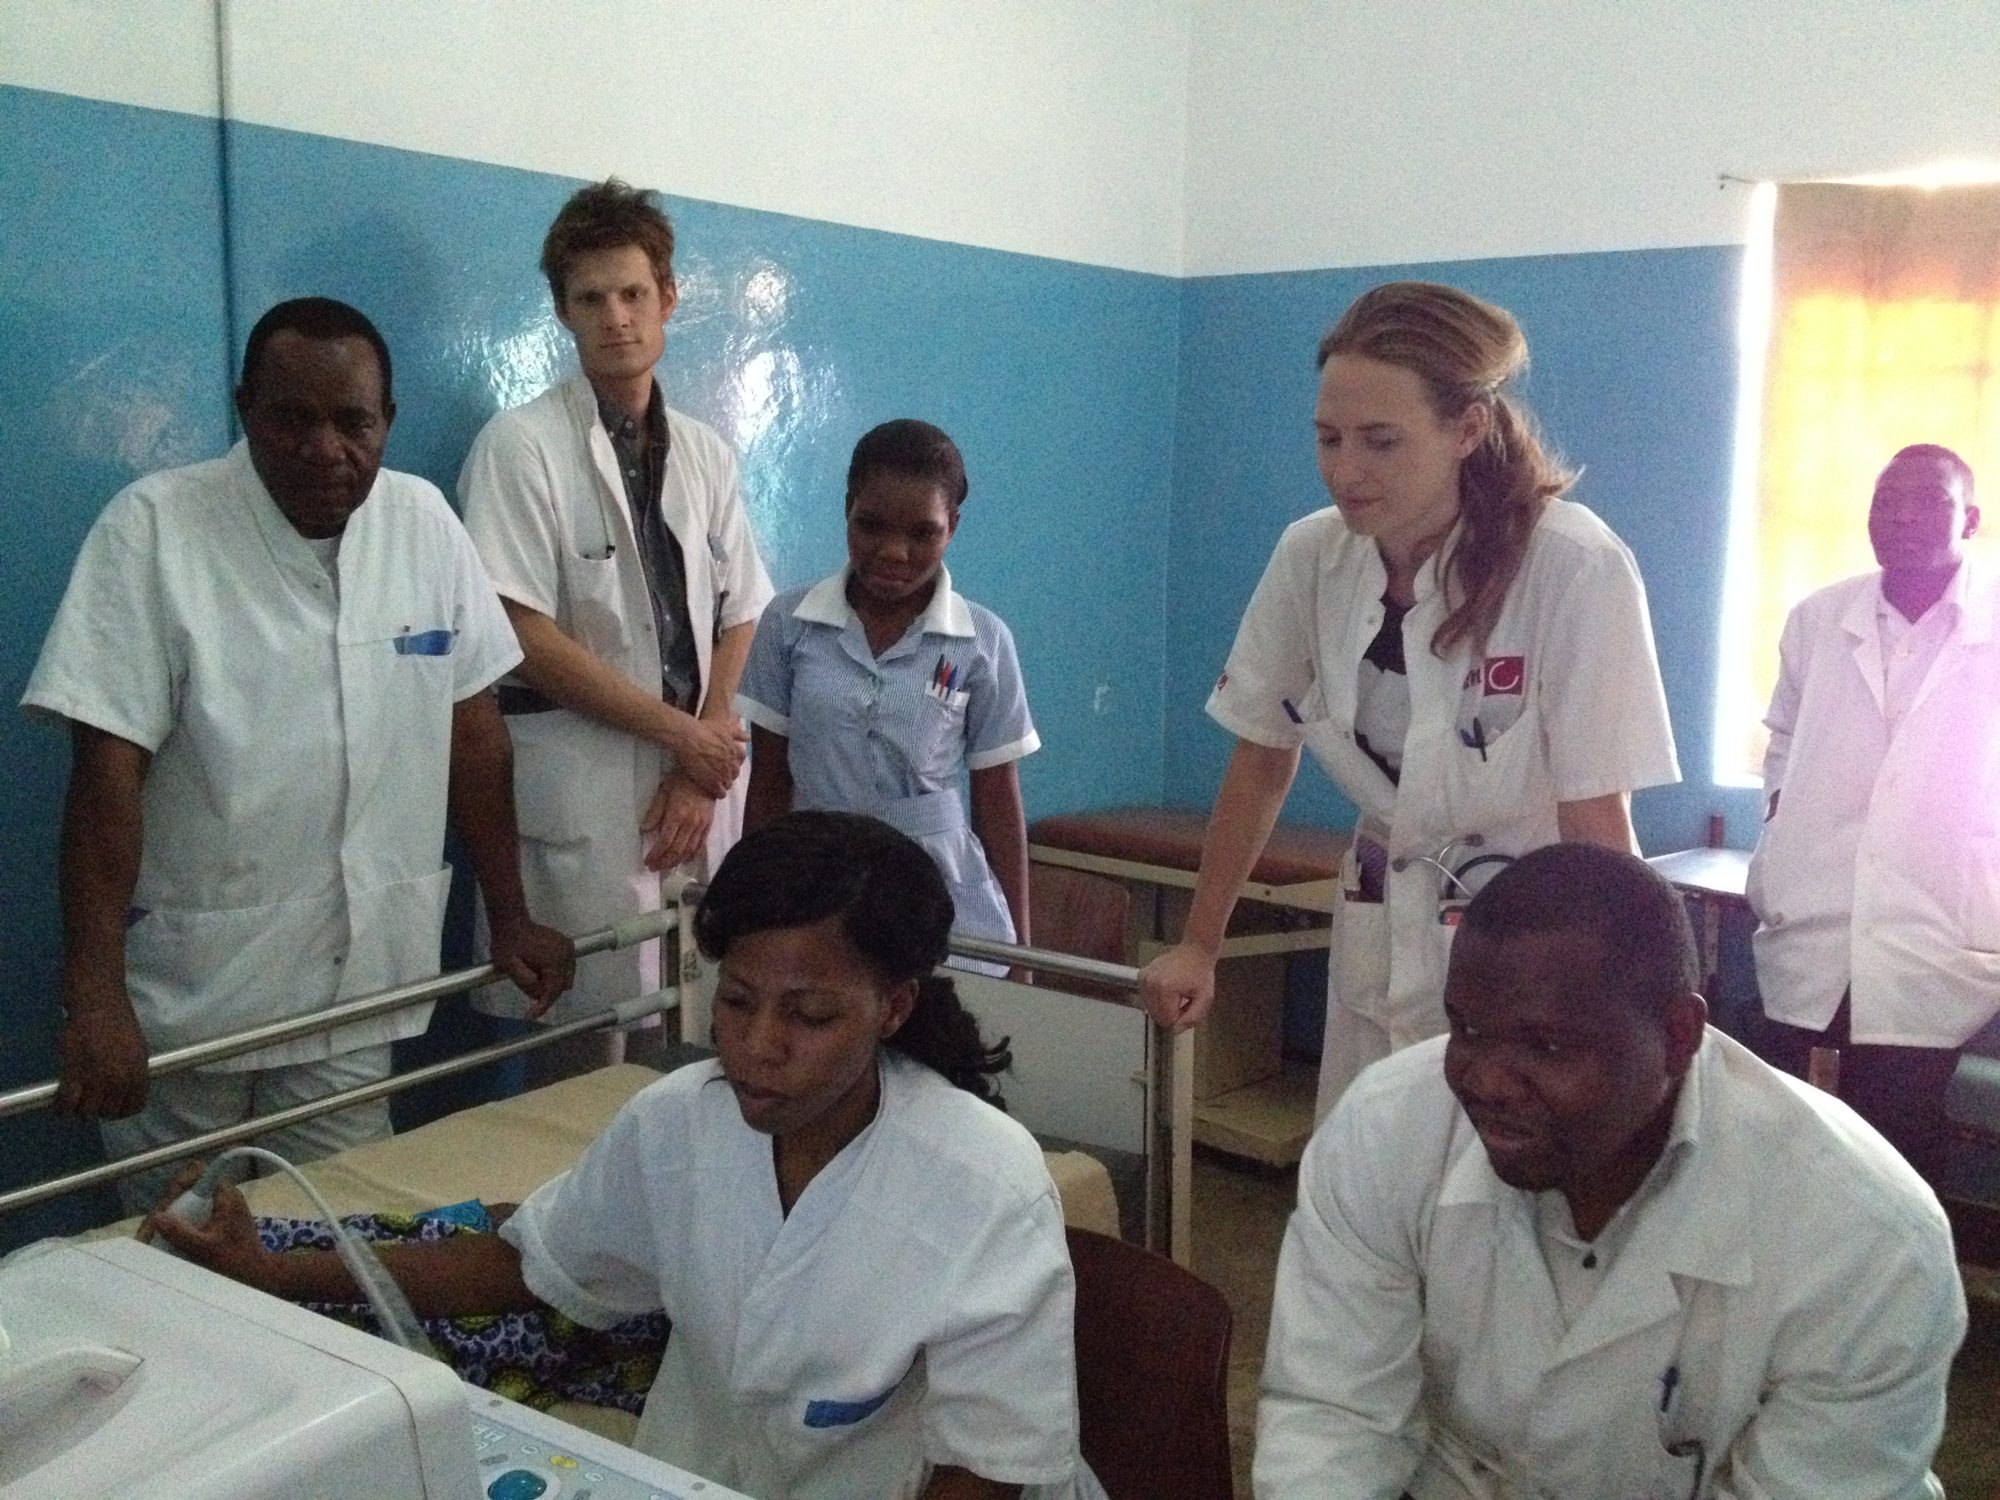 Global Health doctor #1 – Irene de Vries